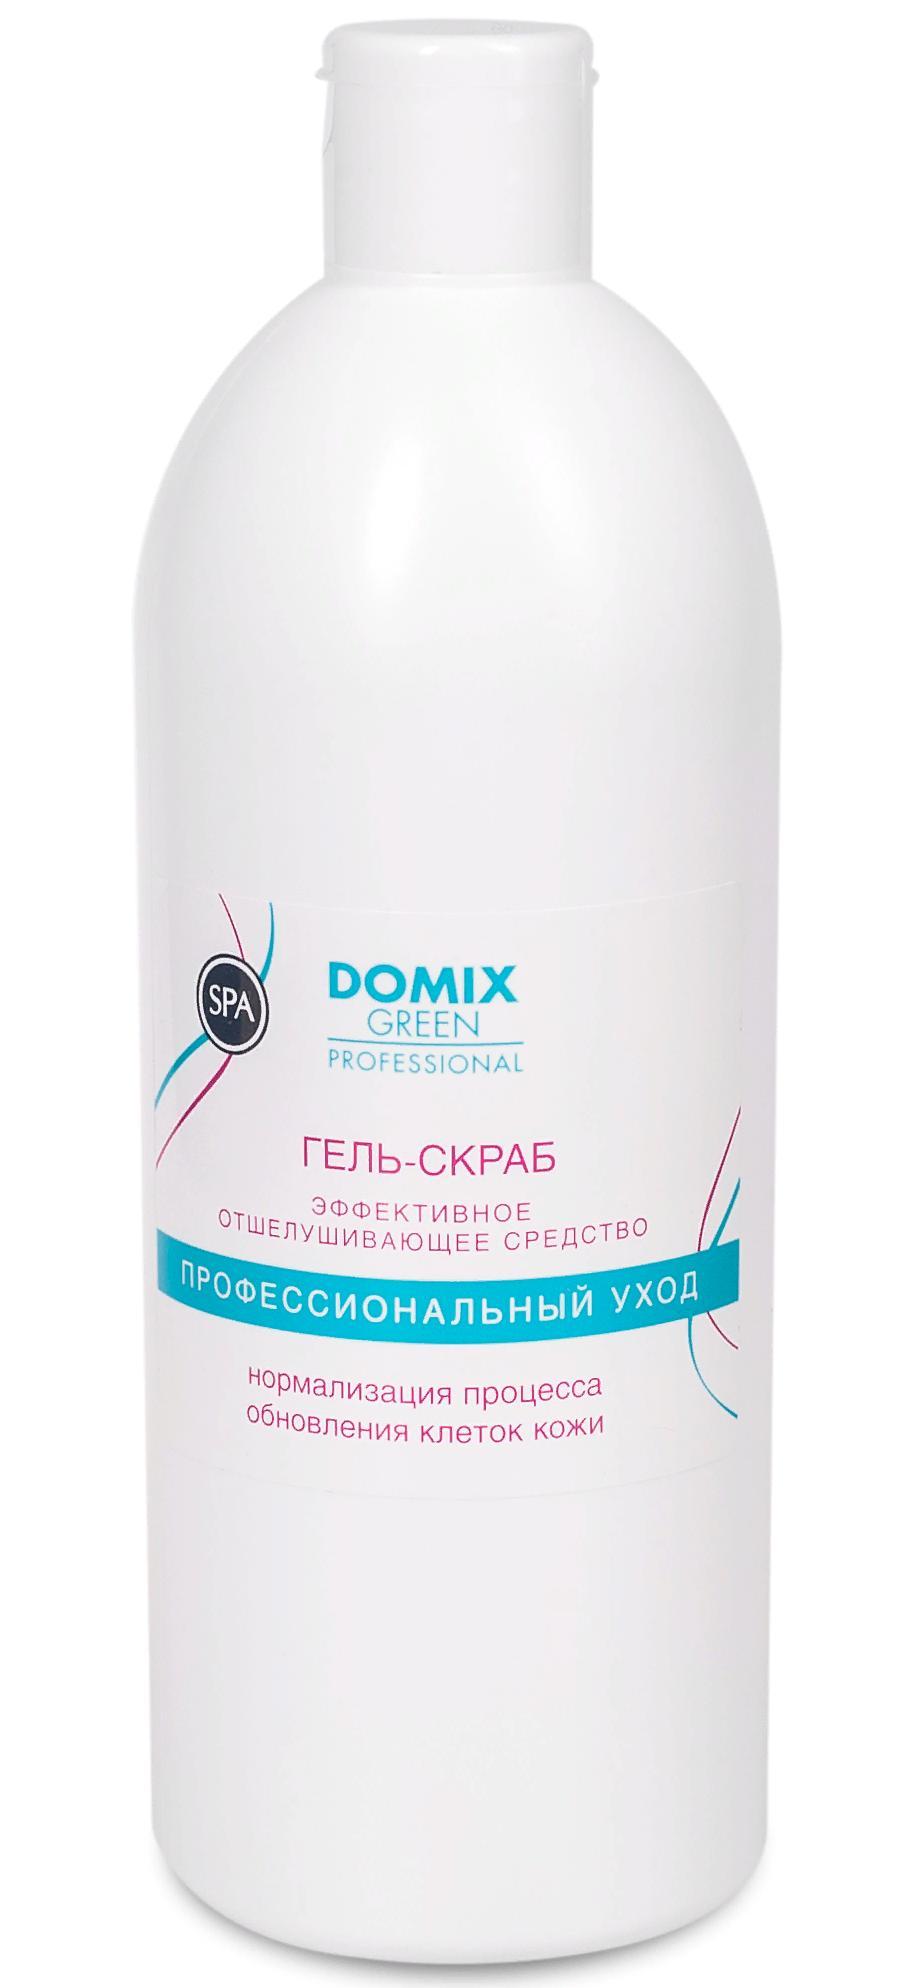 DOMIX Гель-скраб с серебром / DGP 500 мл